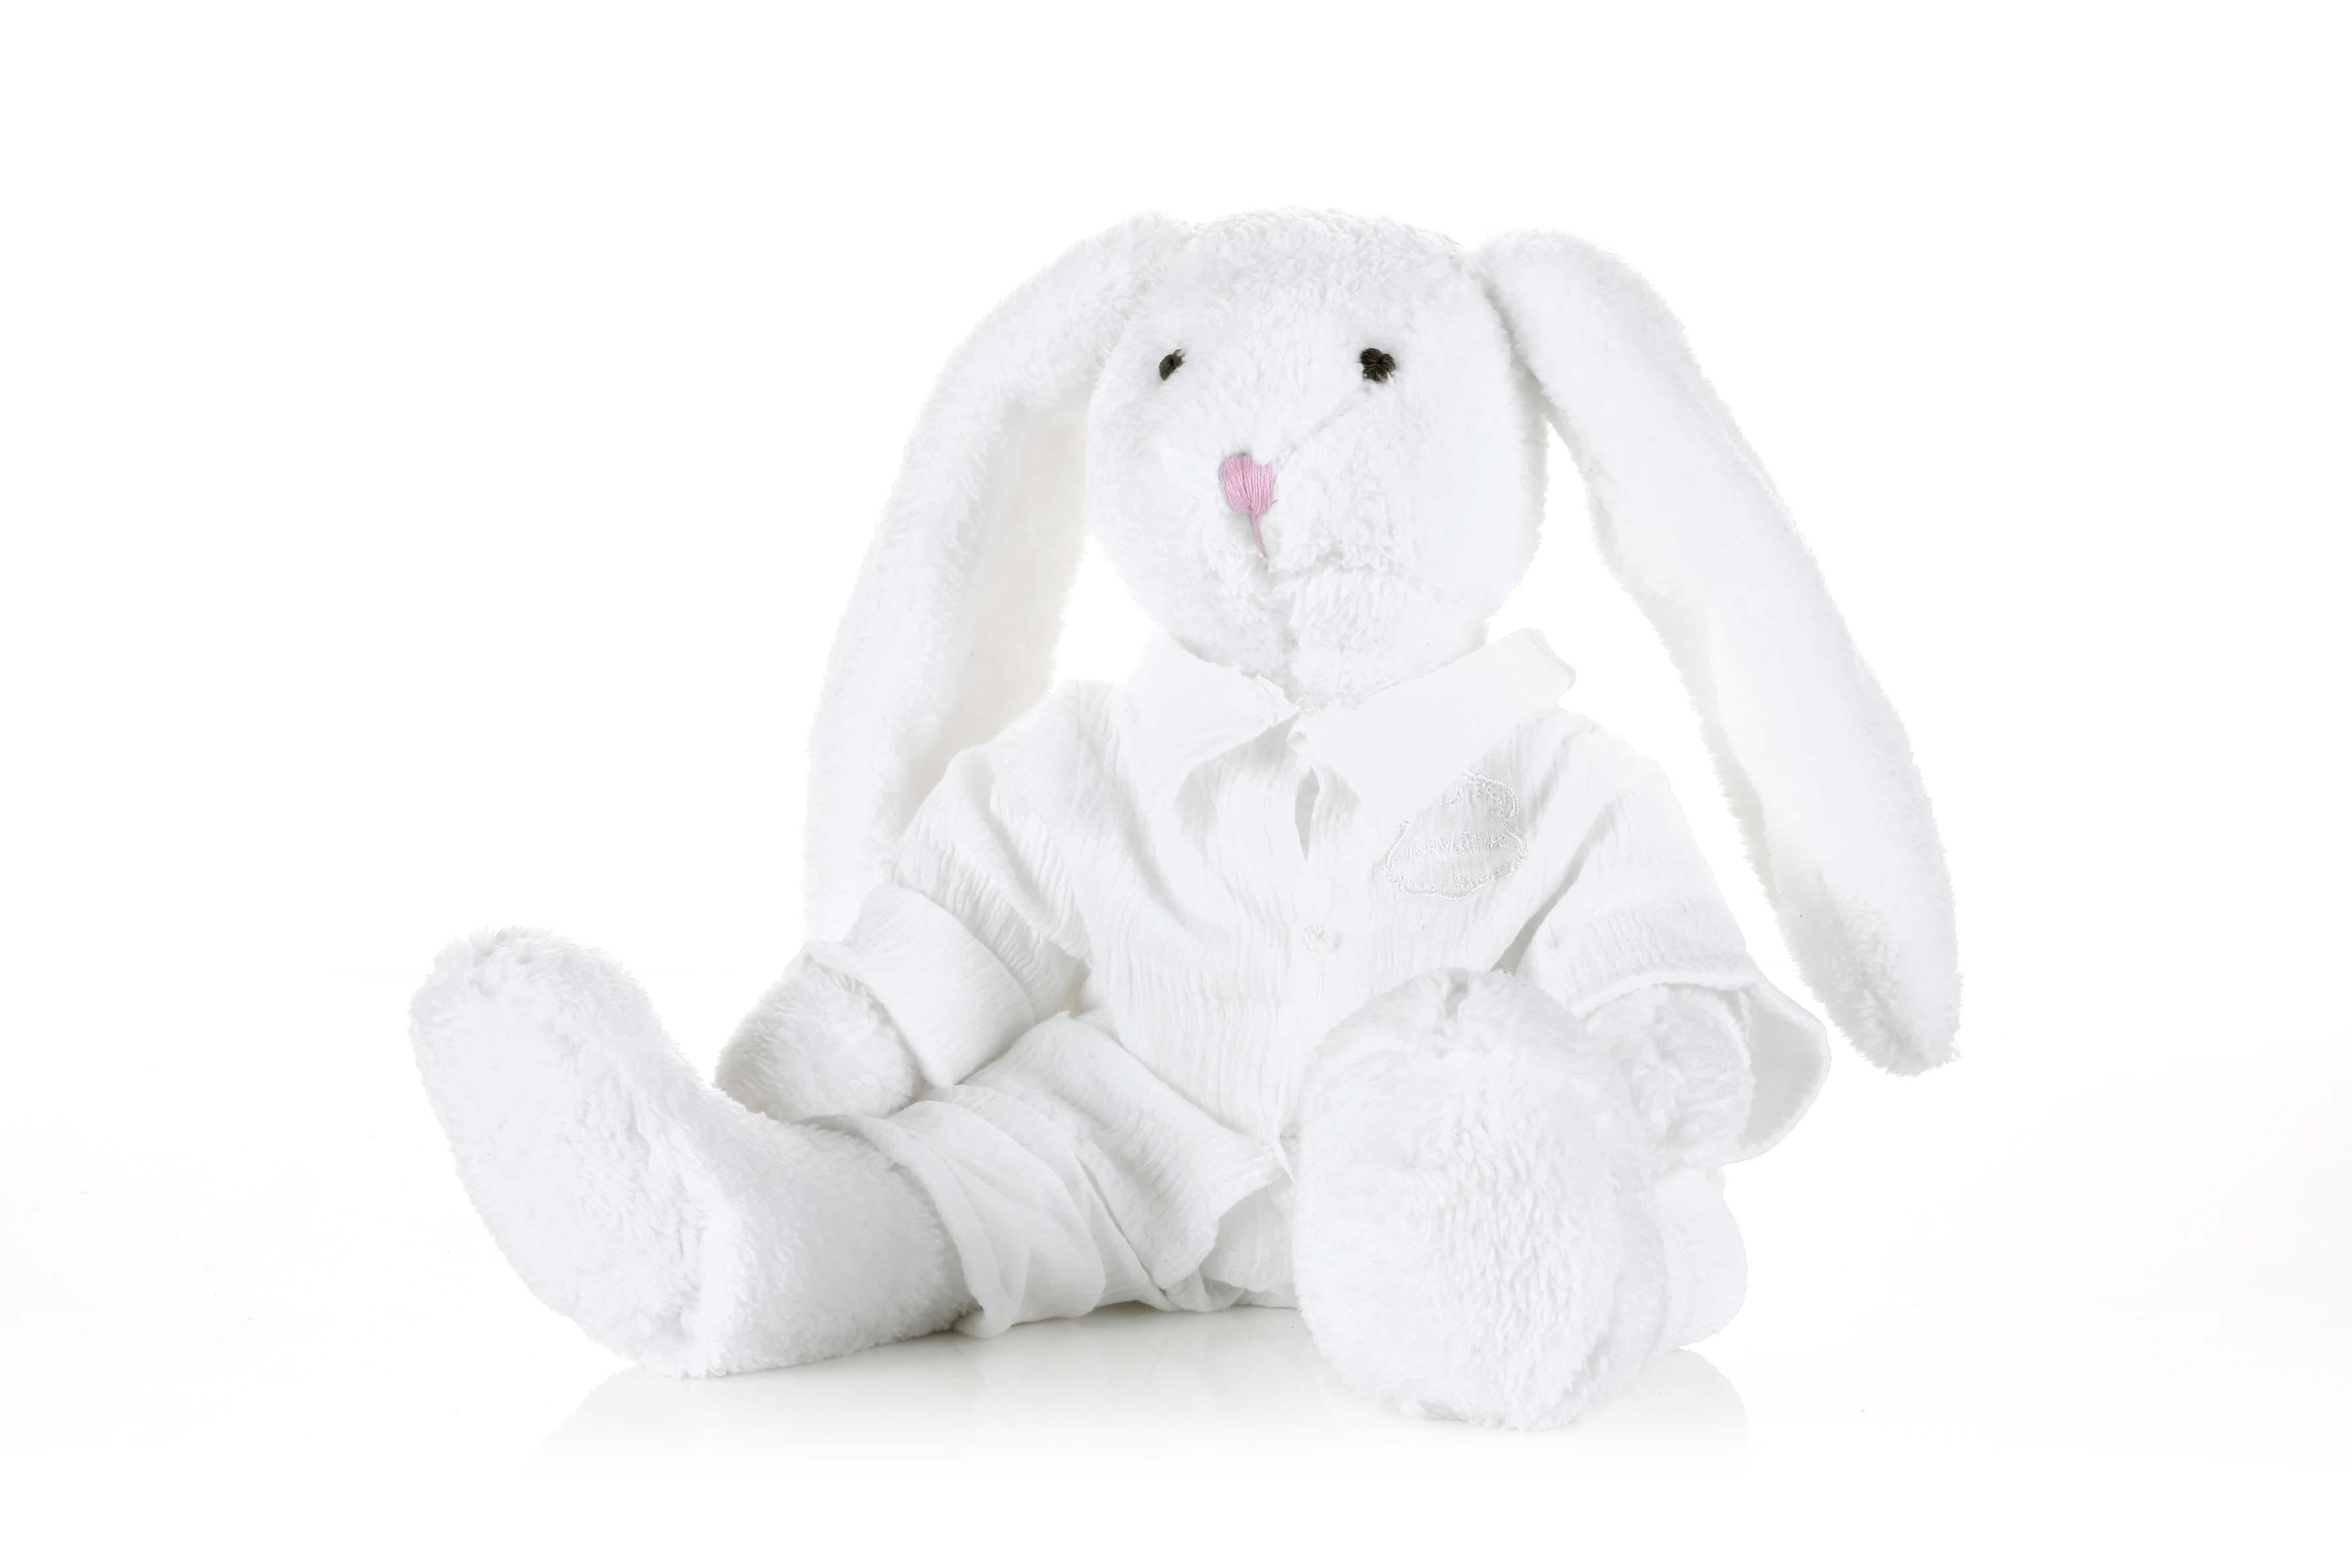 צילום מוצר - בובת ארנבת צולם עבור ללין